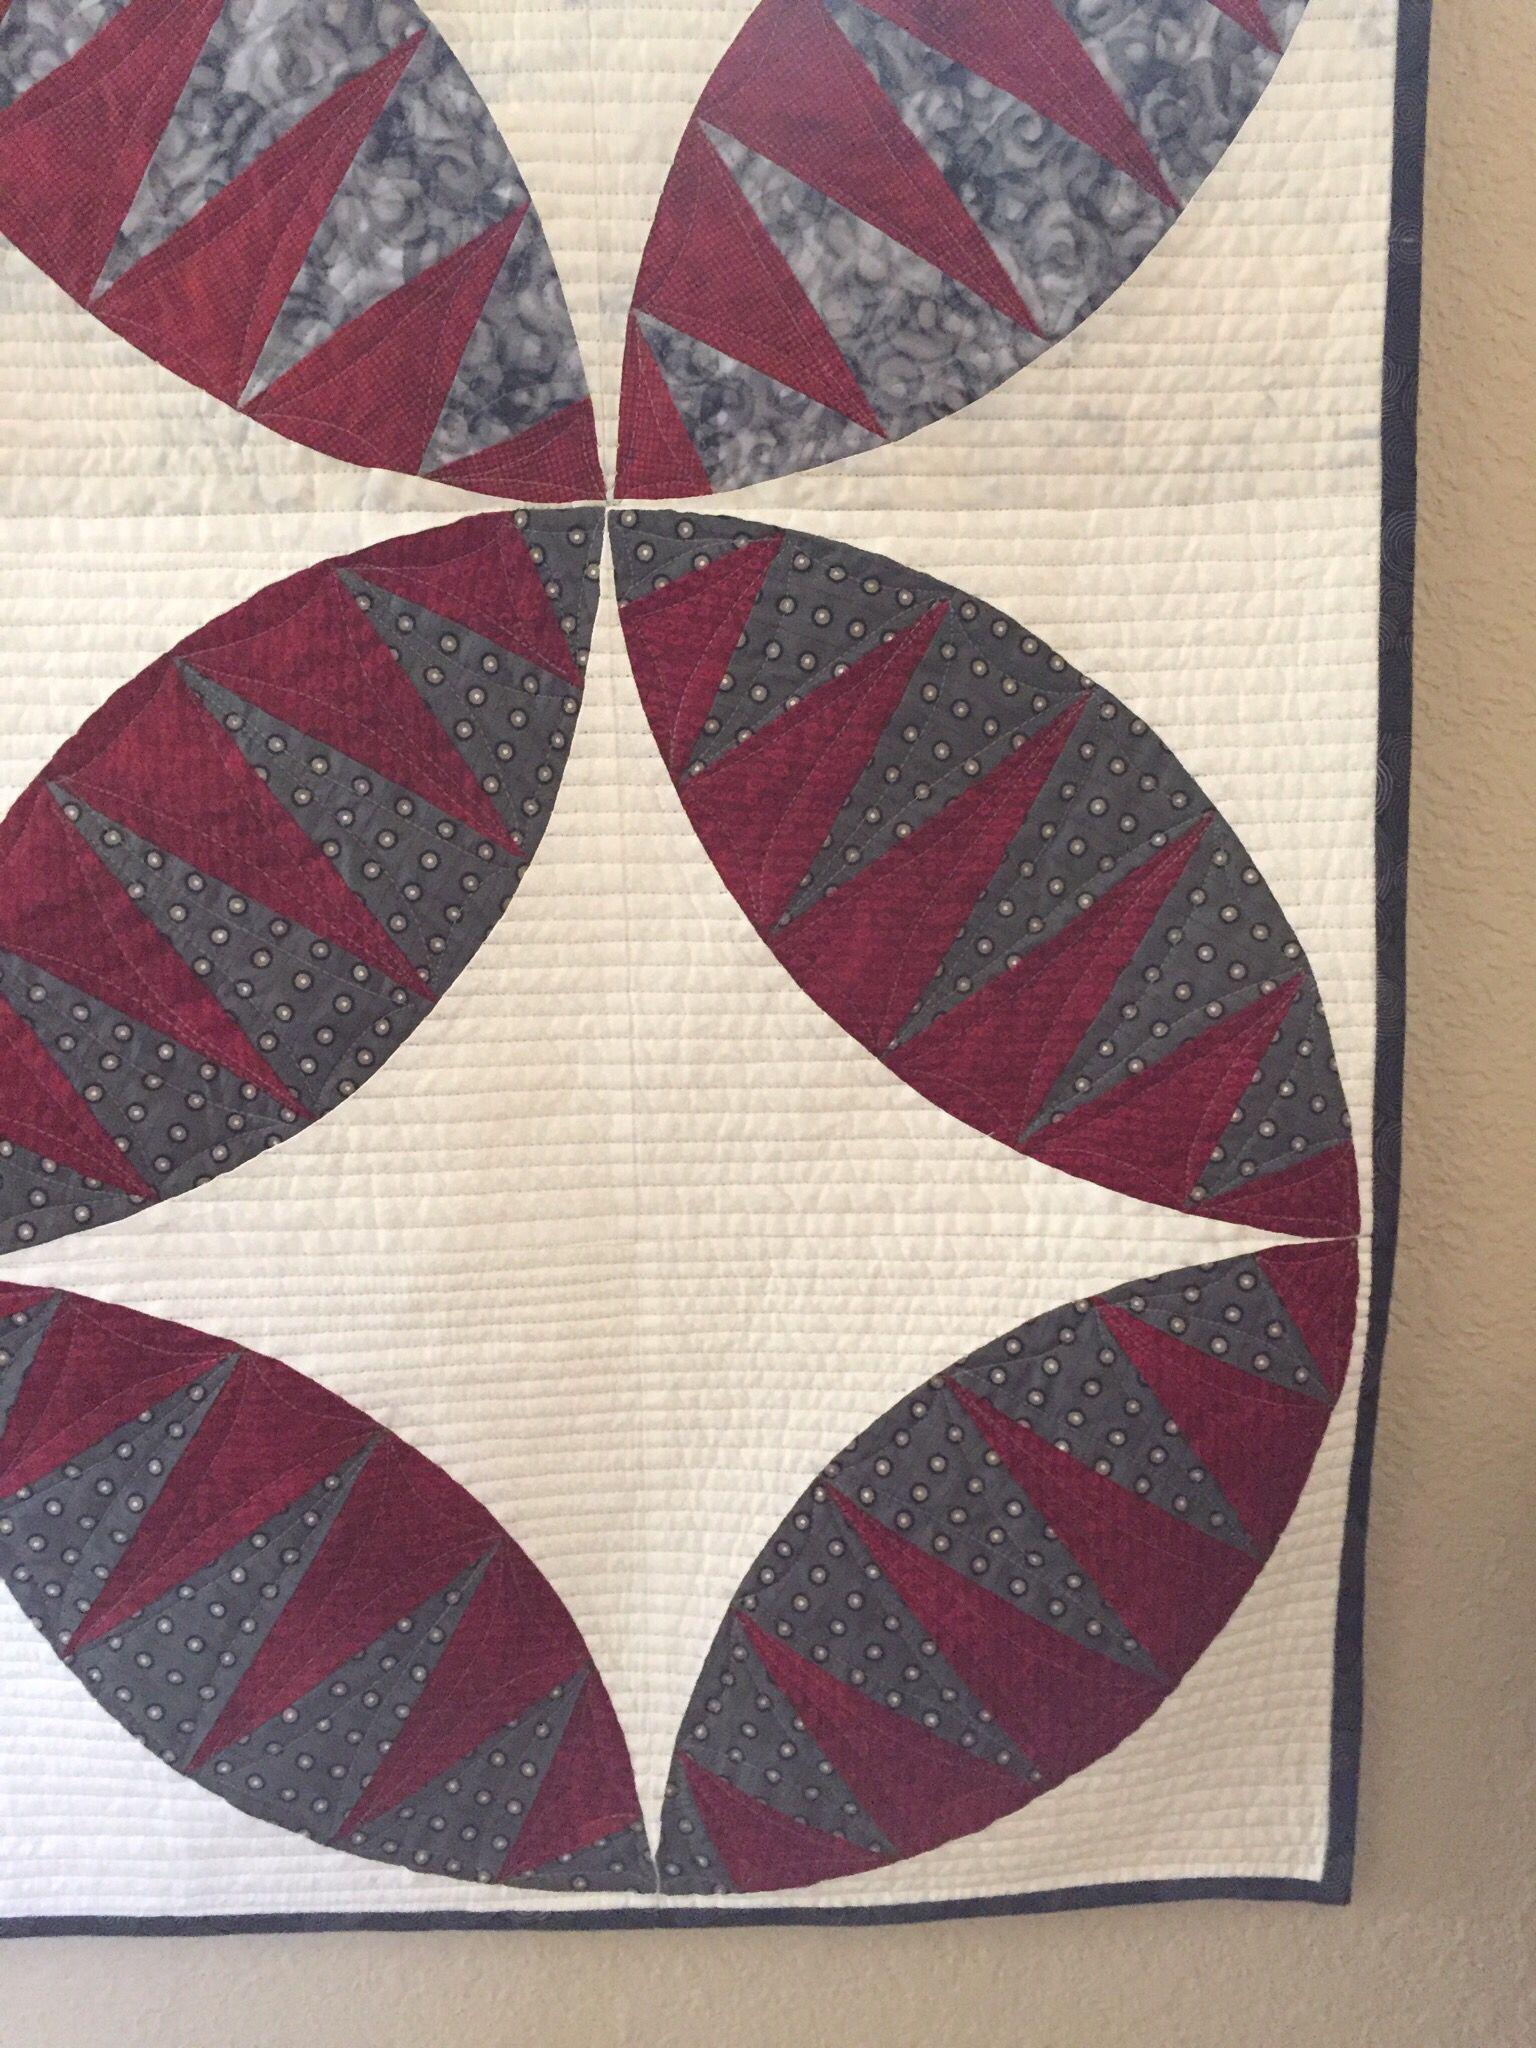 Pin by Karen Dianda on Quilts Pinterest